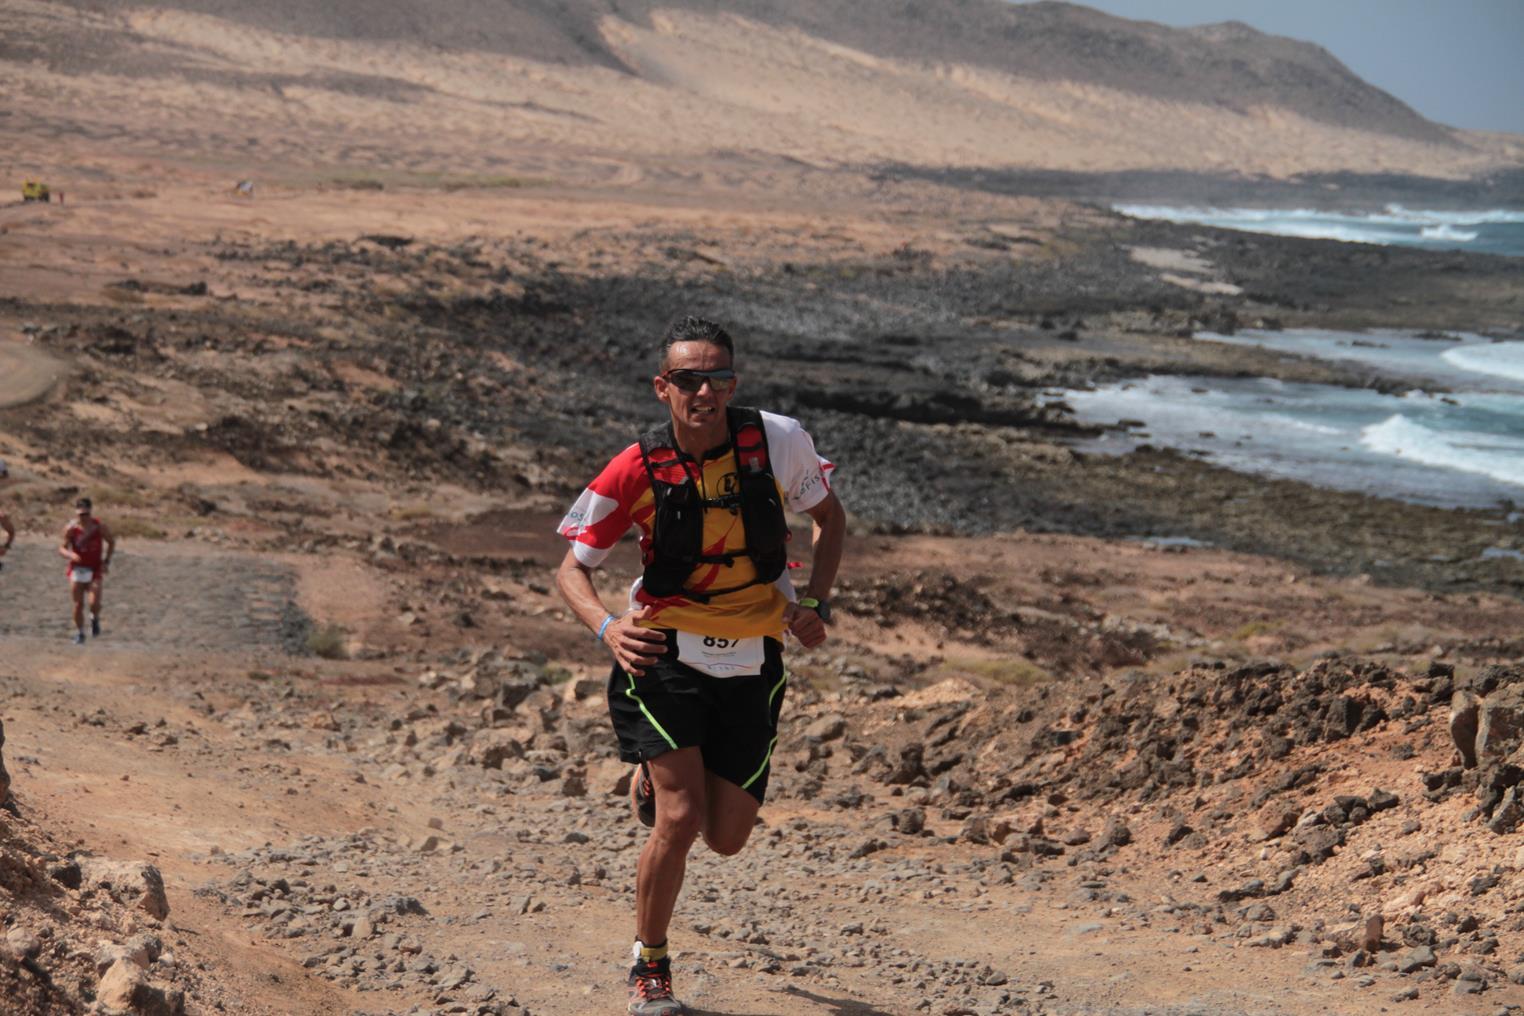 Desafio-Trail-246